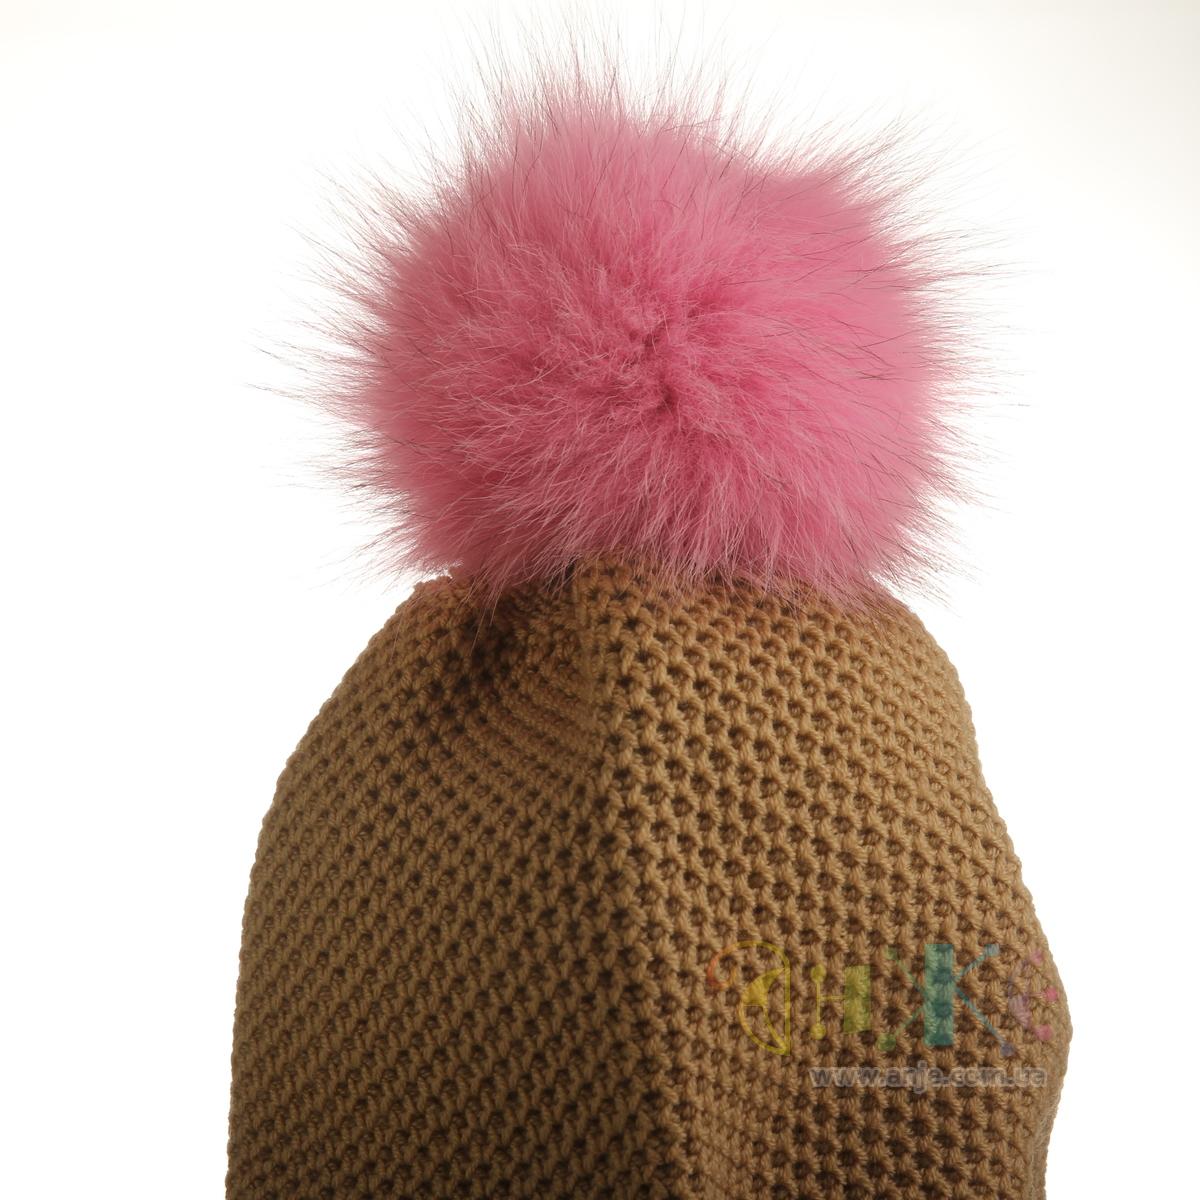 Как сделать помпон на шапку из пряжи или ниток - Мастер класс 21